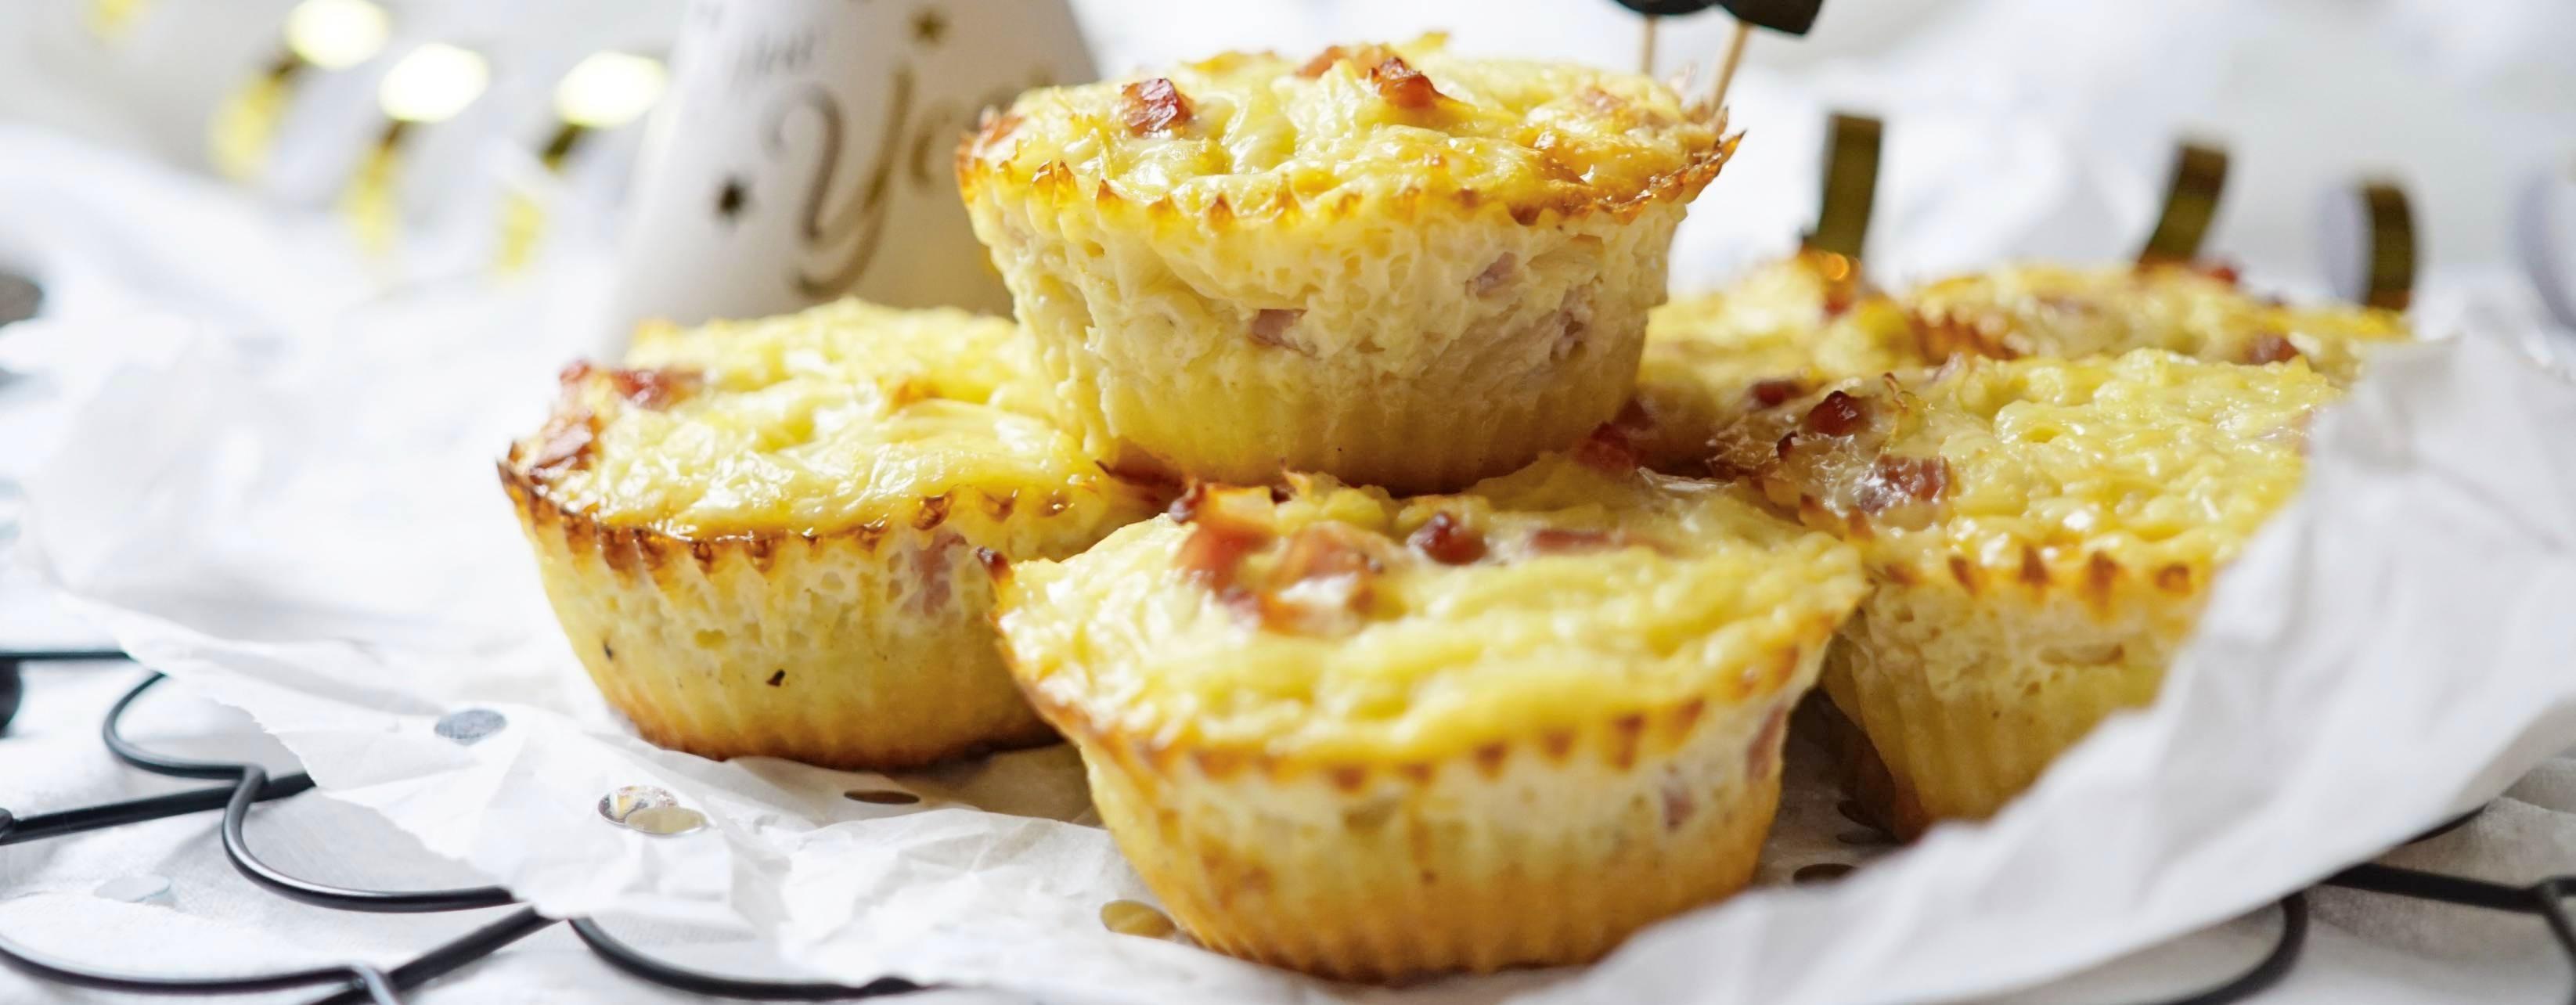 Pikante Muffins lassen sich gut für den Weihnachts-Brunch vorbereiten. Hier eine Variante aus Pizzateig, der mit einer Mischung aus Sahne, Zwiebel, Eier und Käse gefüllt und gebacken wird. Foto: dpa